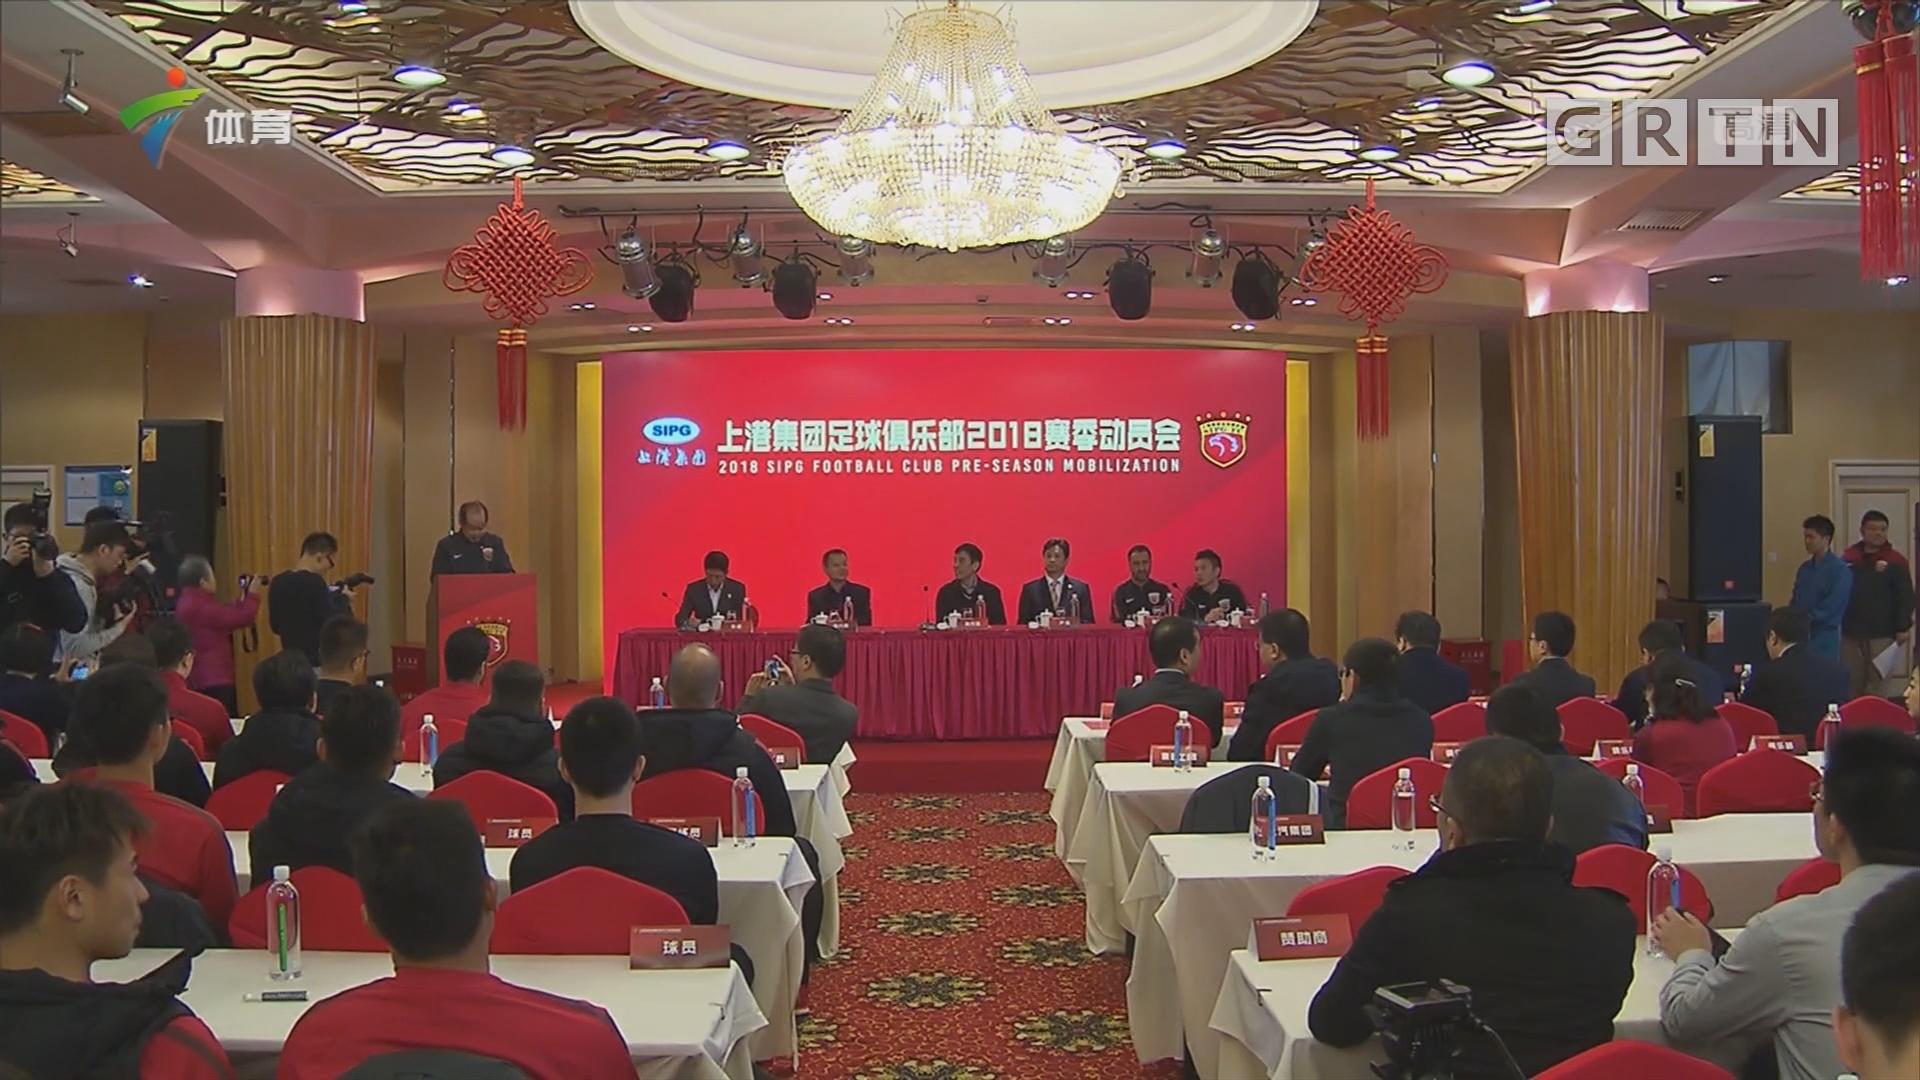 上港运动员迎新赛季 强调赛风赛纪力求进步